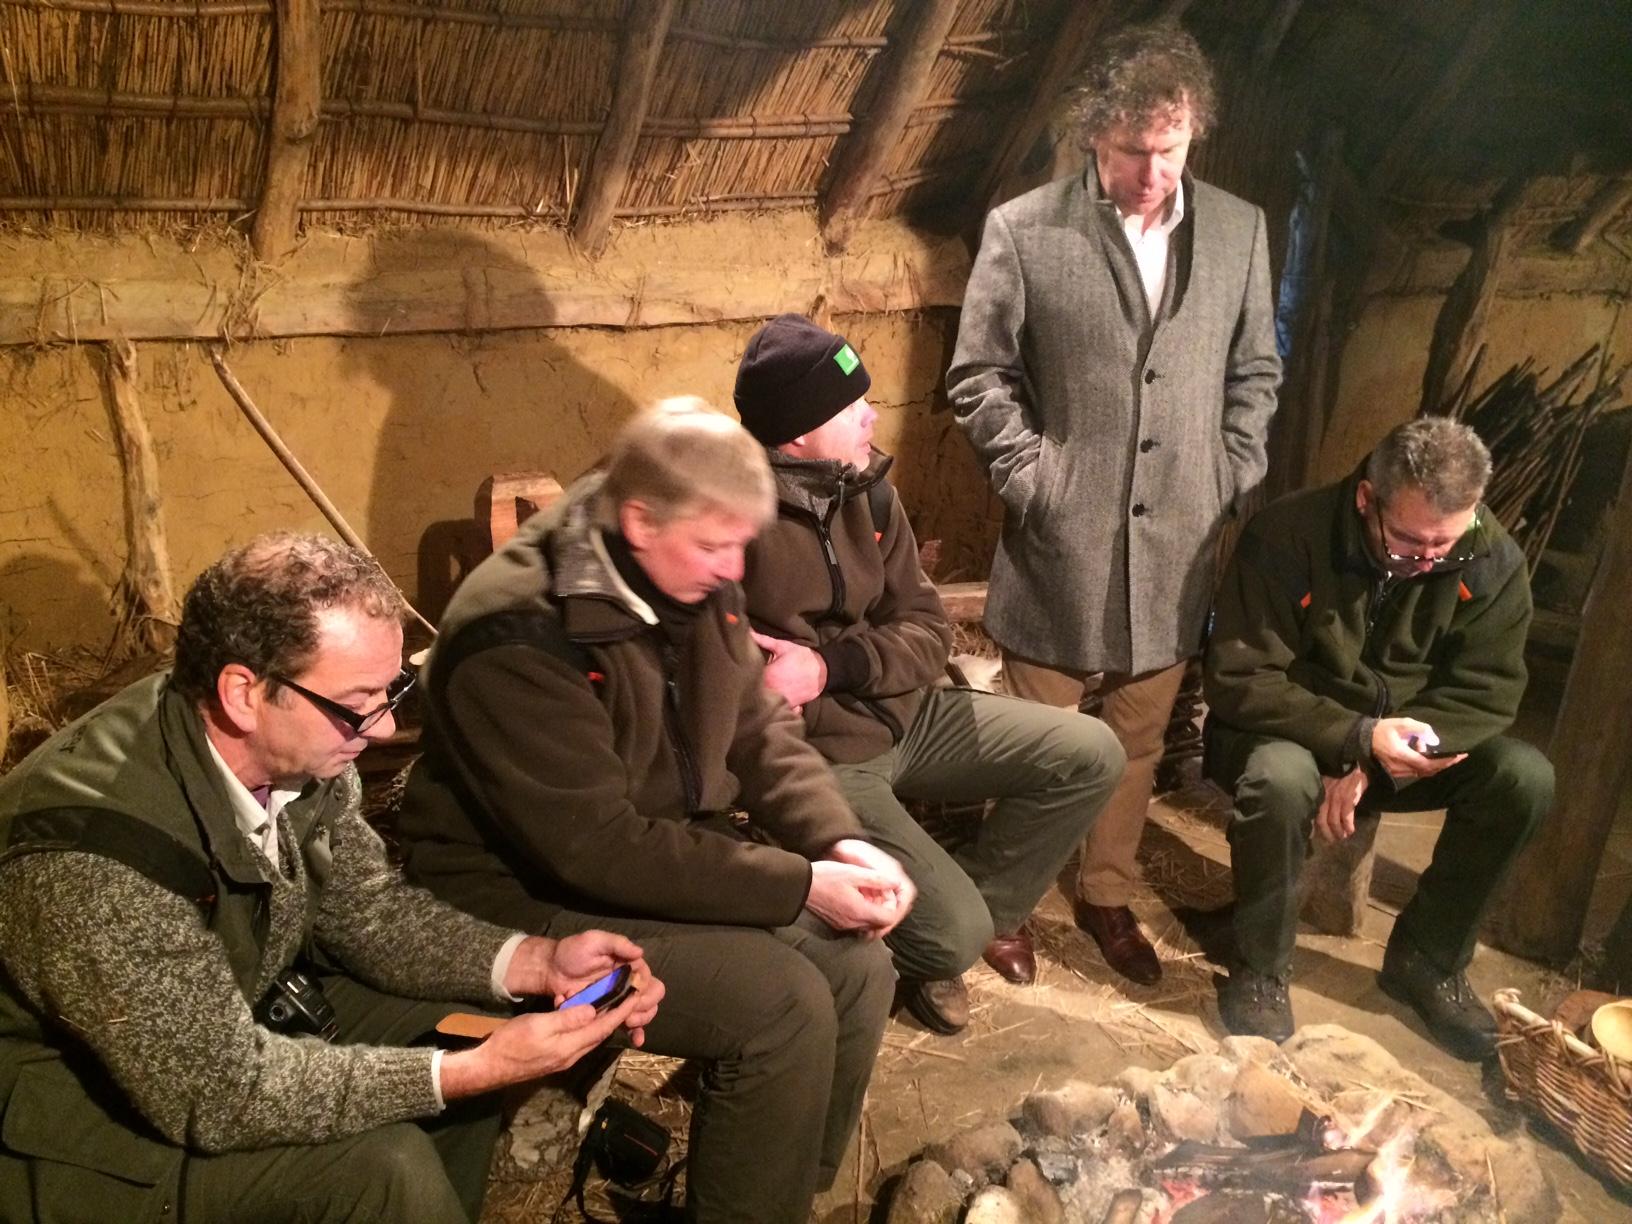 De boswachters checken nog even hun 'feeds', onder toeziend oog van eindredacteur Martin van der Veen